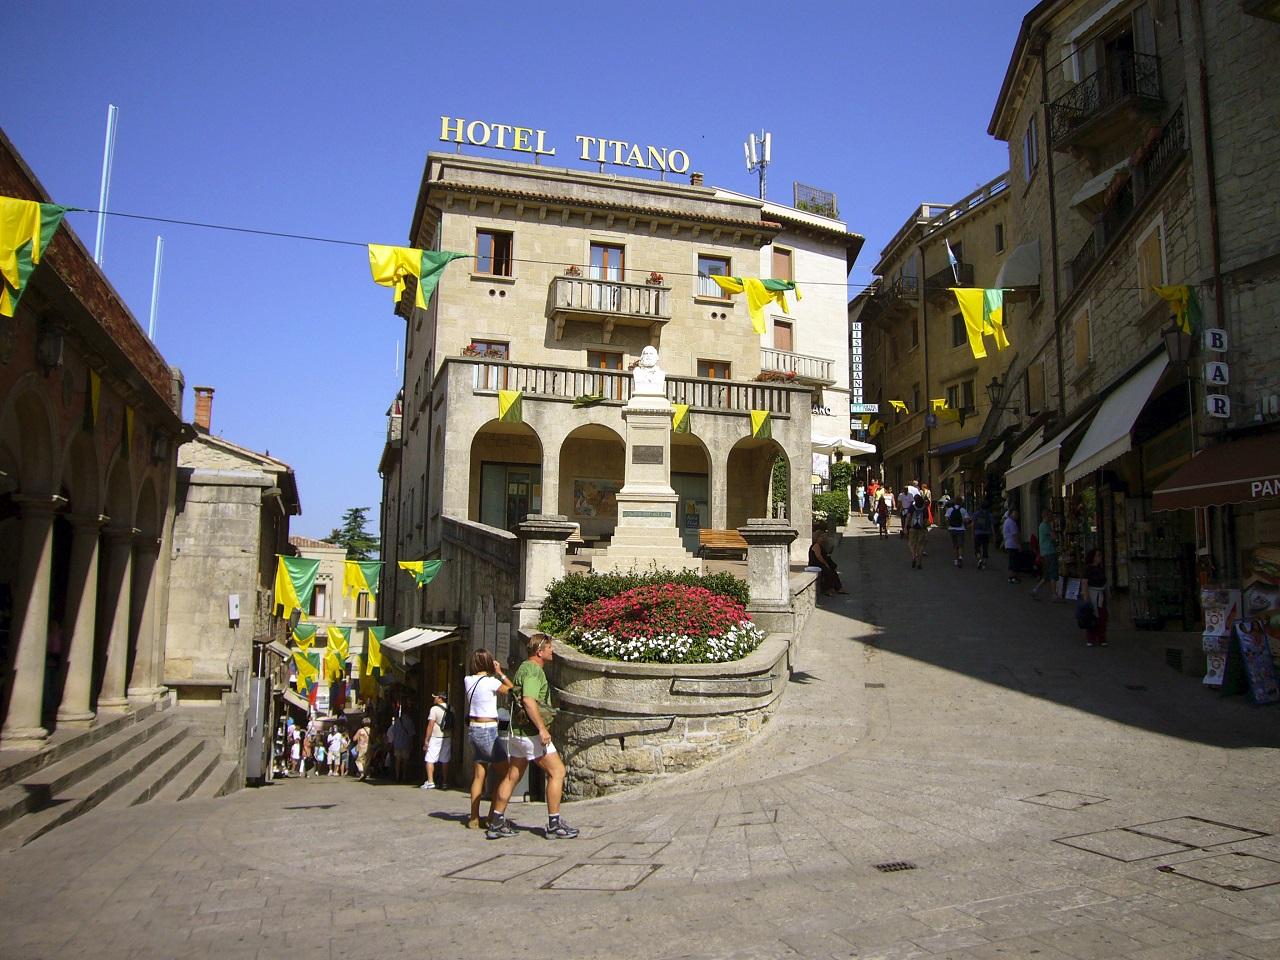 Egyetlen beteg maradt San Marino kórházában, ezért bezárták az egyetlen Covid-osztályt